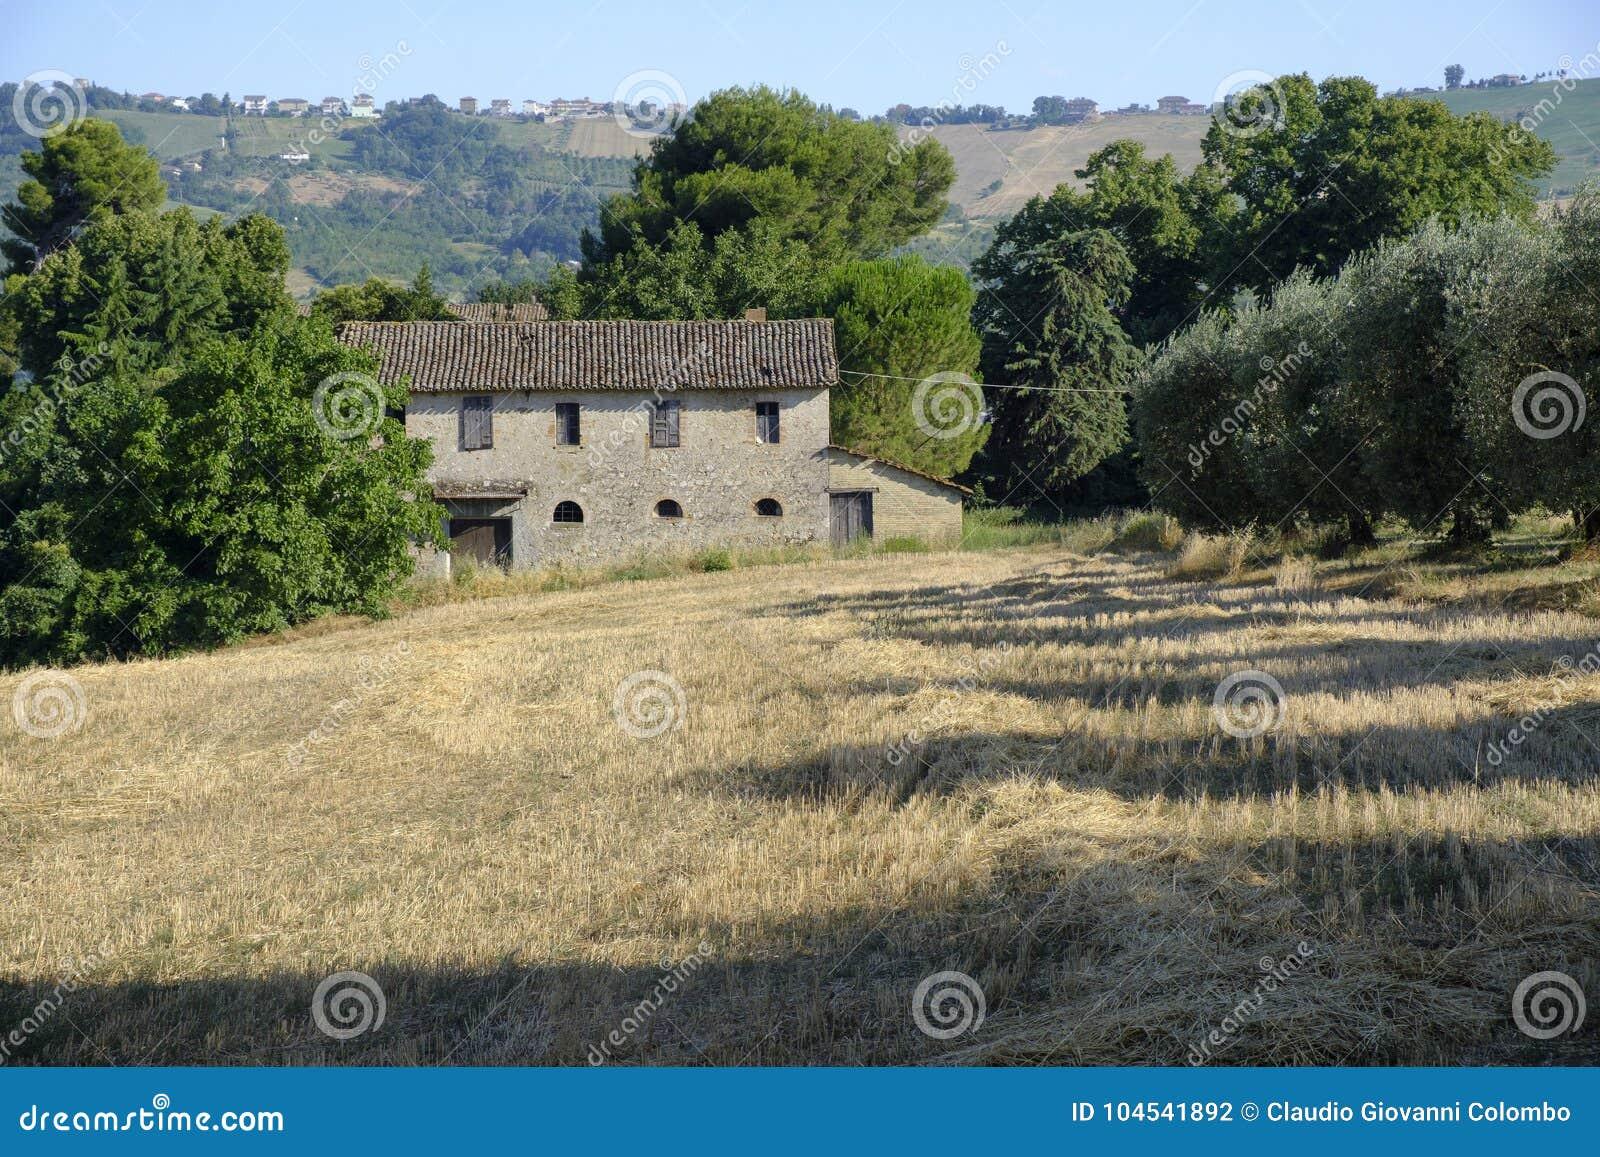 Case Di Campagna Marche : Grottammare ascoli piceno marche italia vecchia casa di